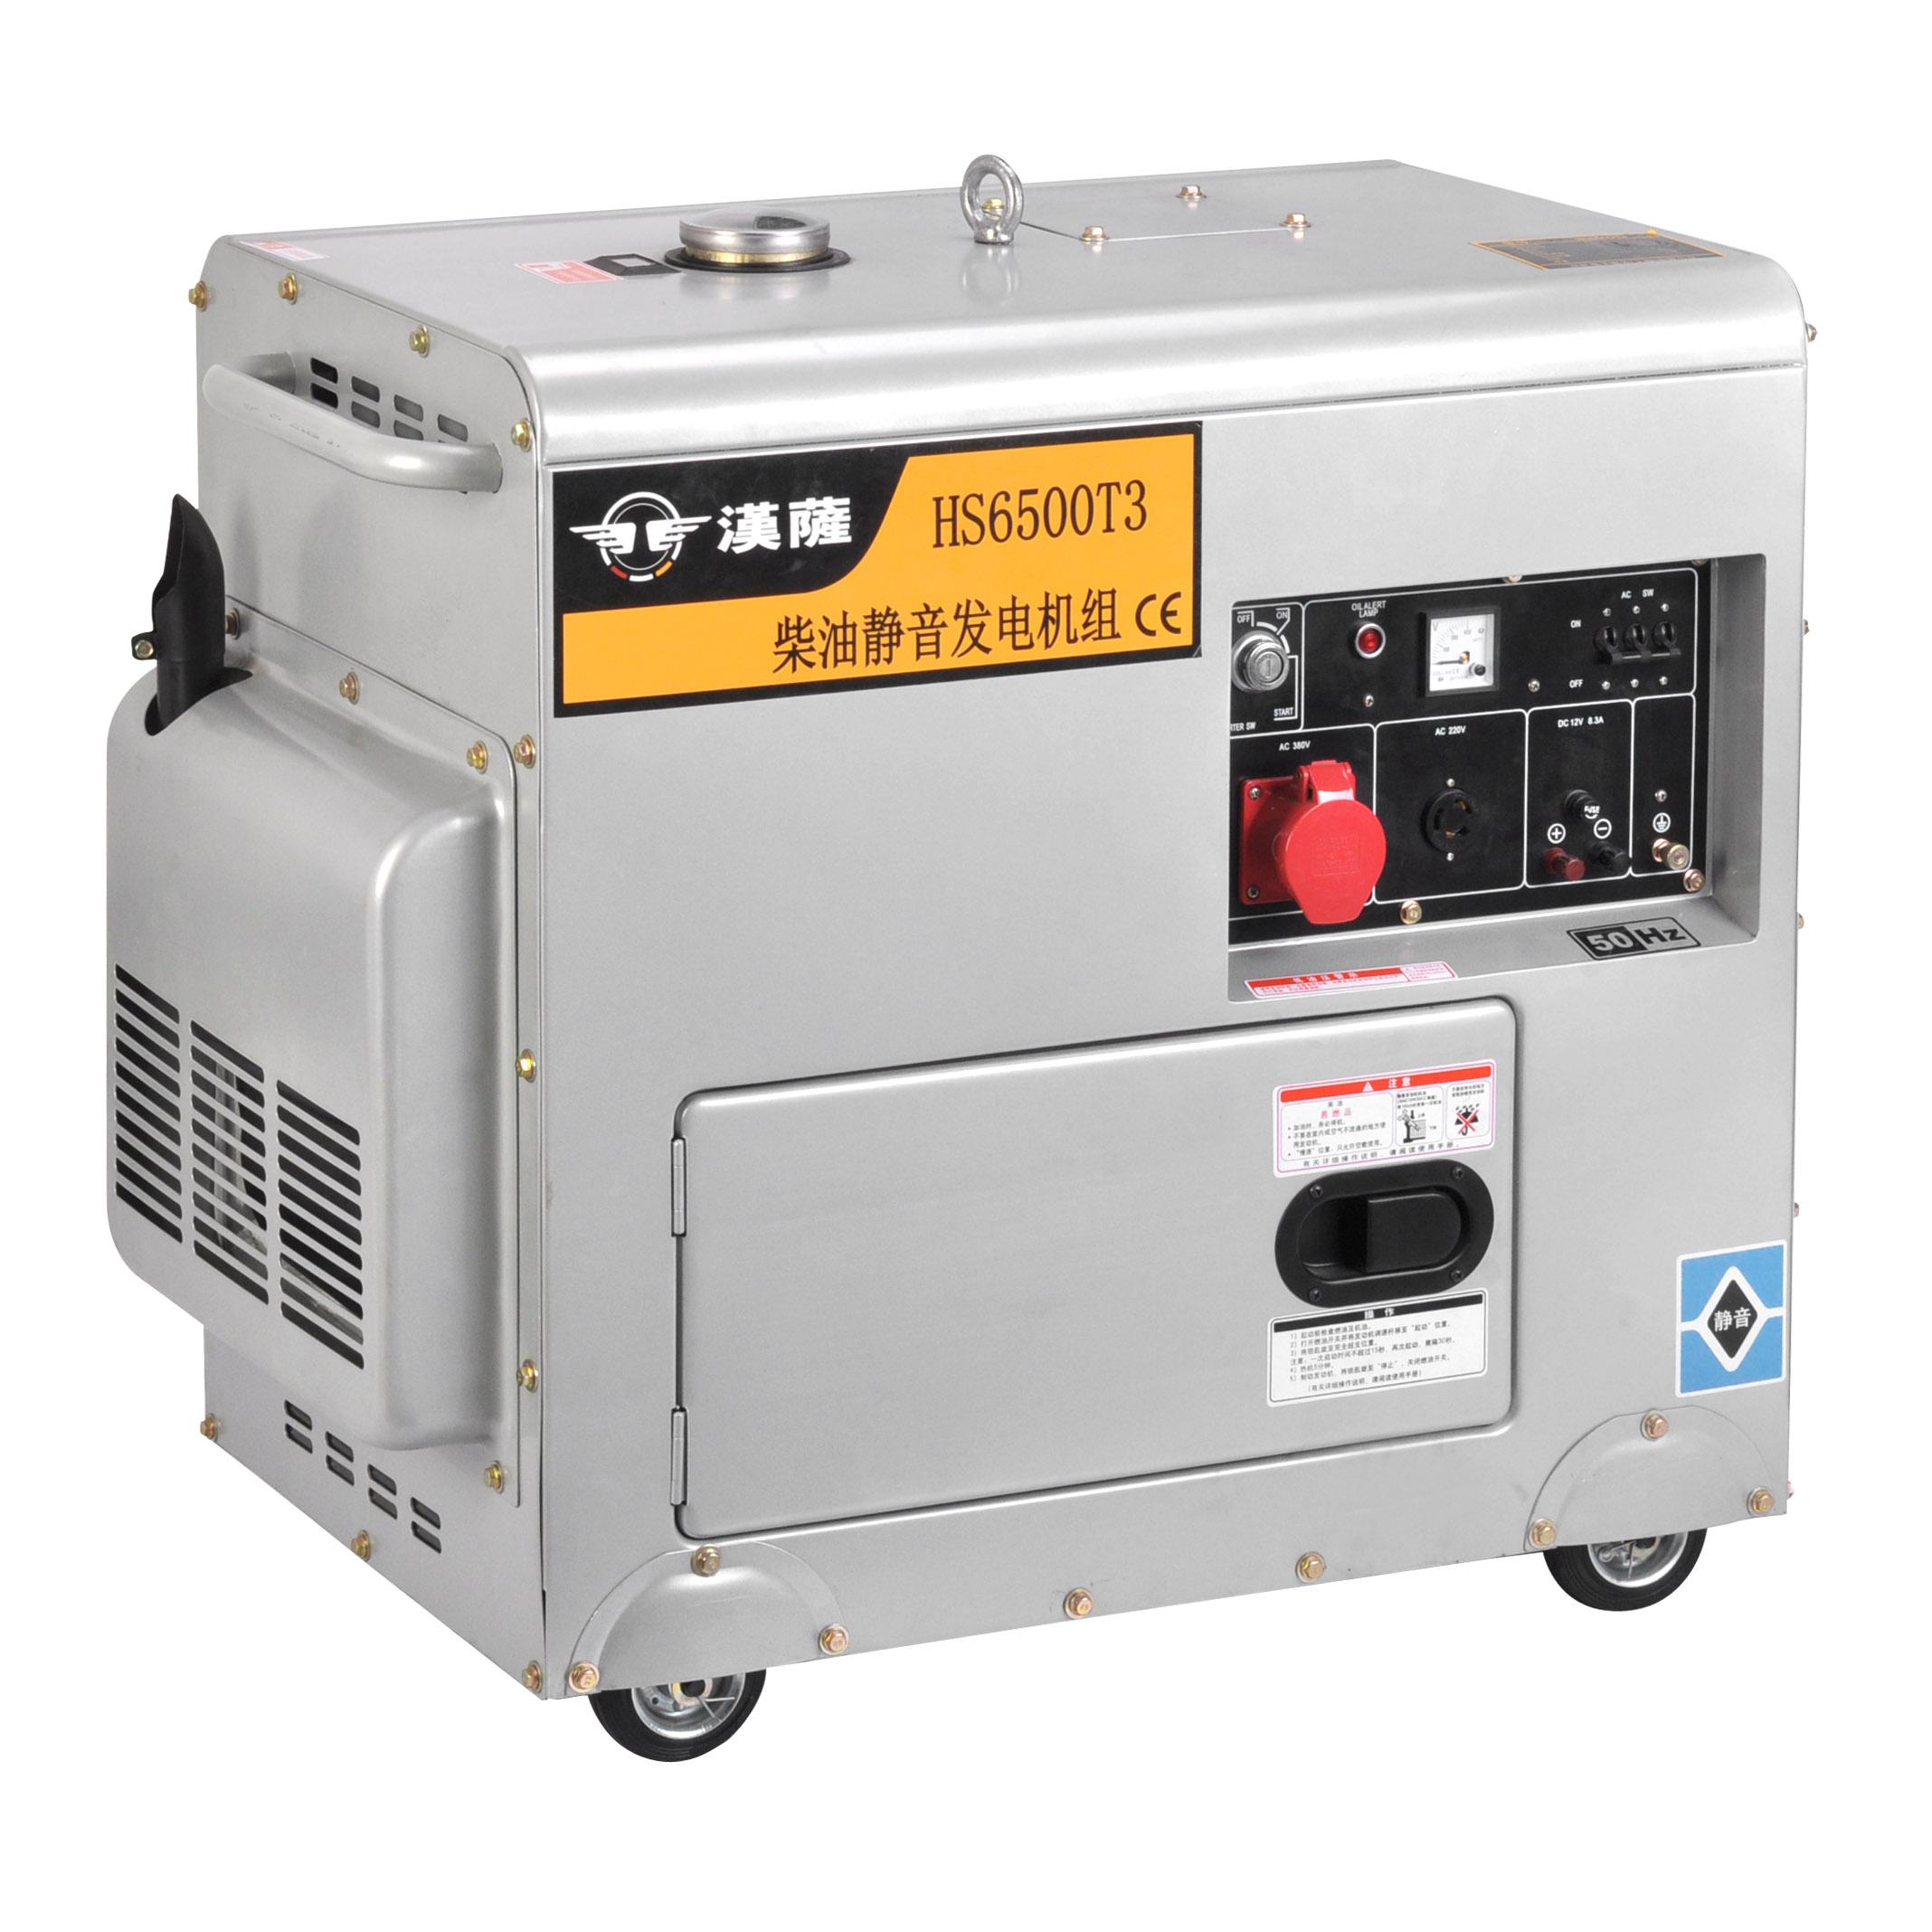 三相柴油发电机//静音柴油发电机//5千瓦柴油发电机